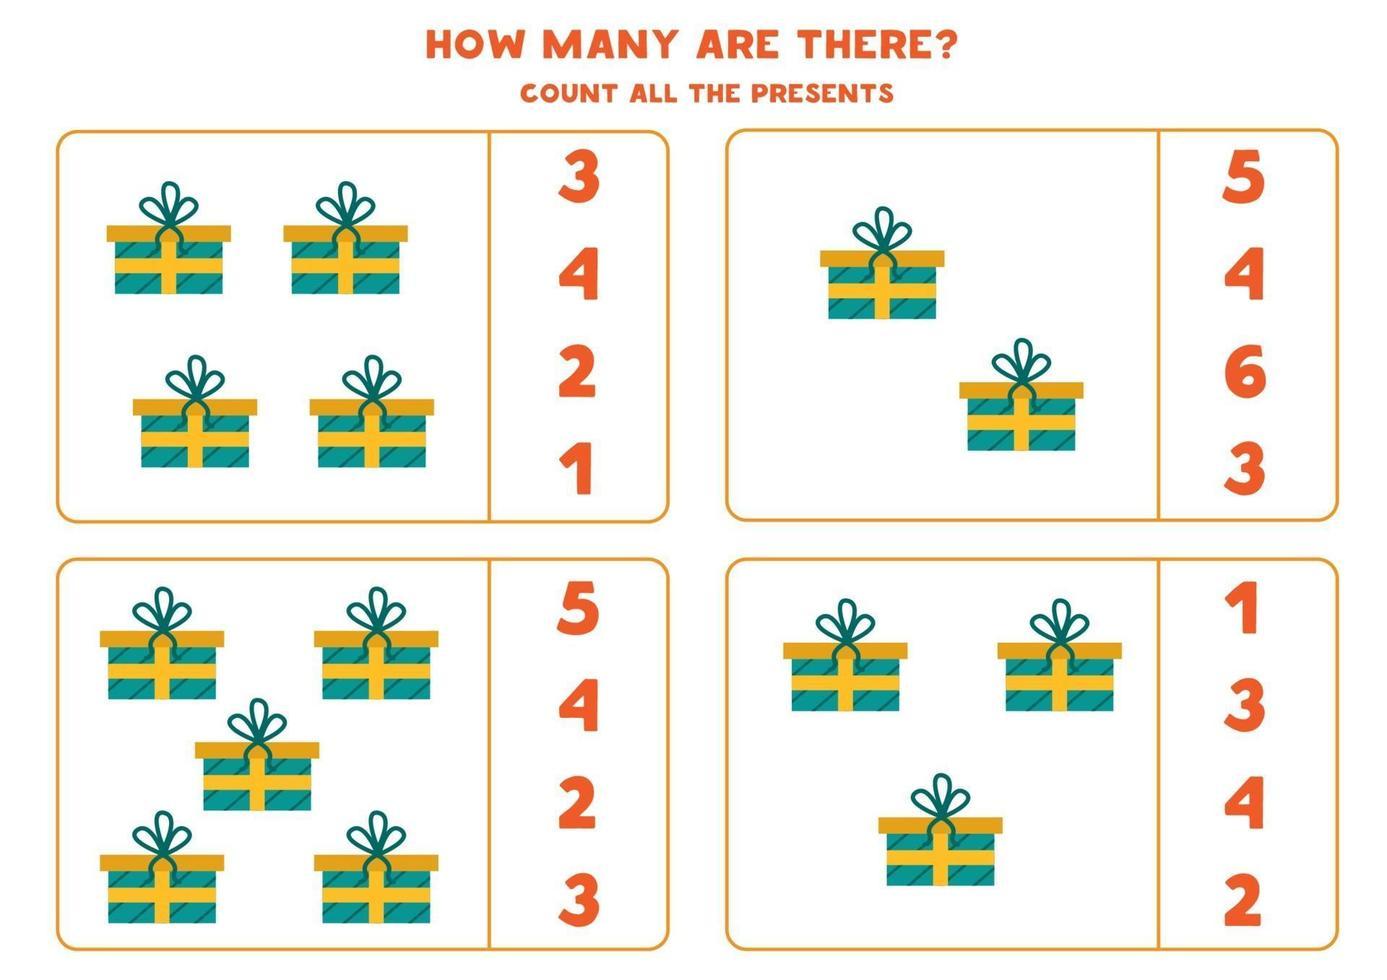 räknar matematikspel med färgglada tecknade julklappar. vektor